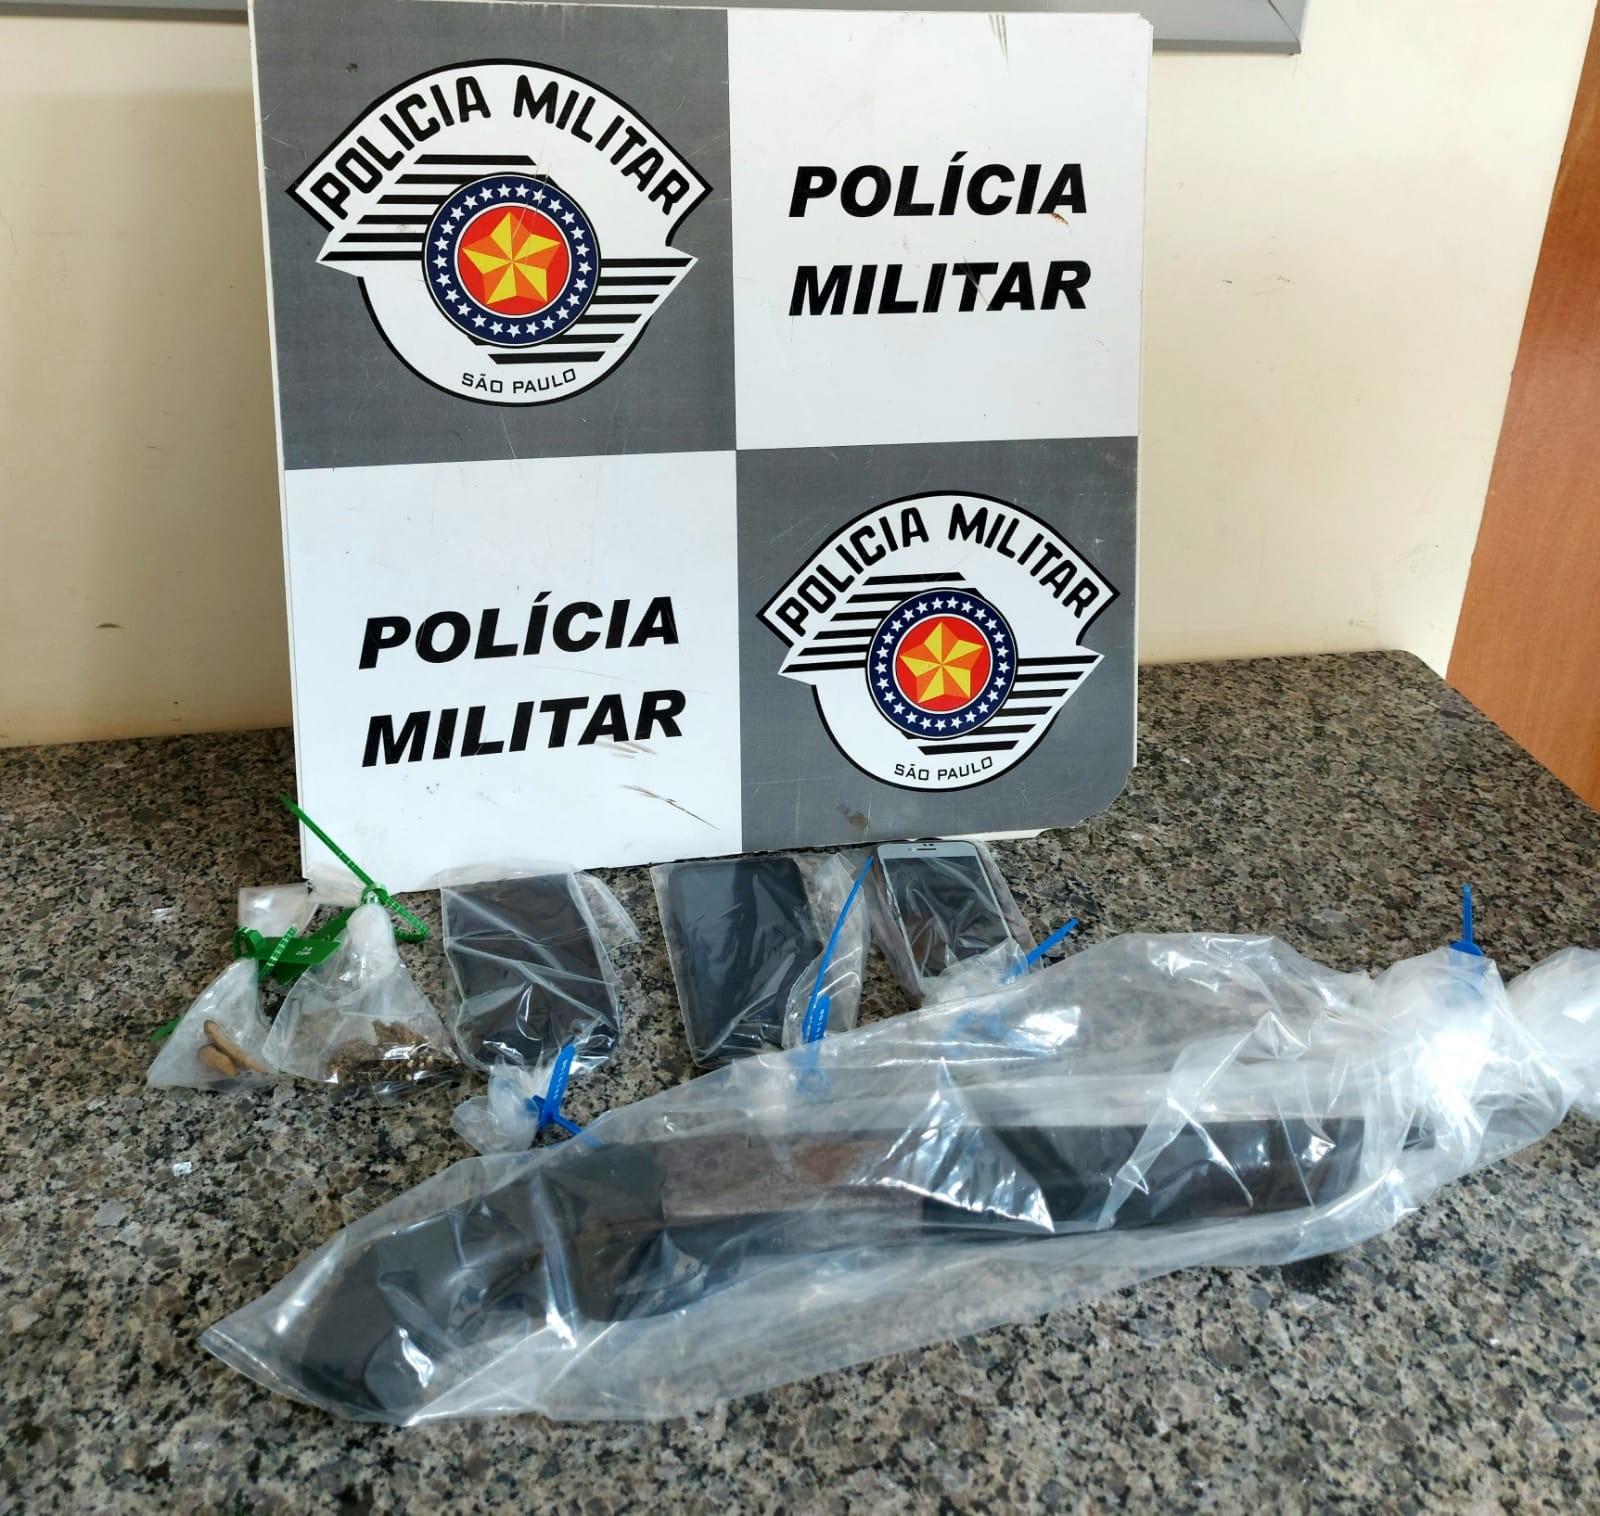 Operação conjunta das polícias Civil e Militar apreende drogas e arma em Presidente Bernardes